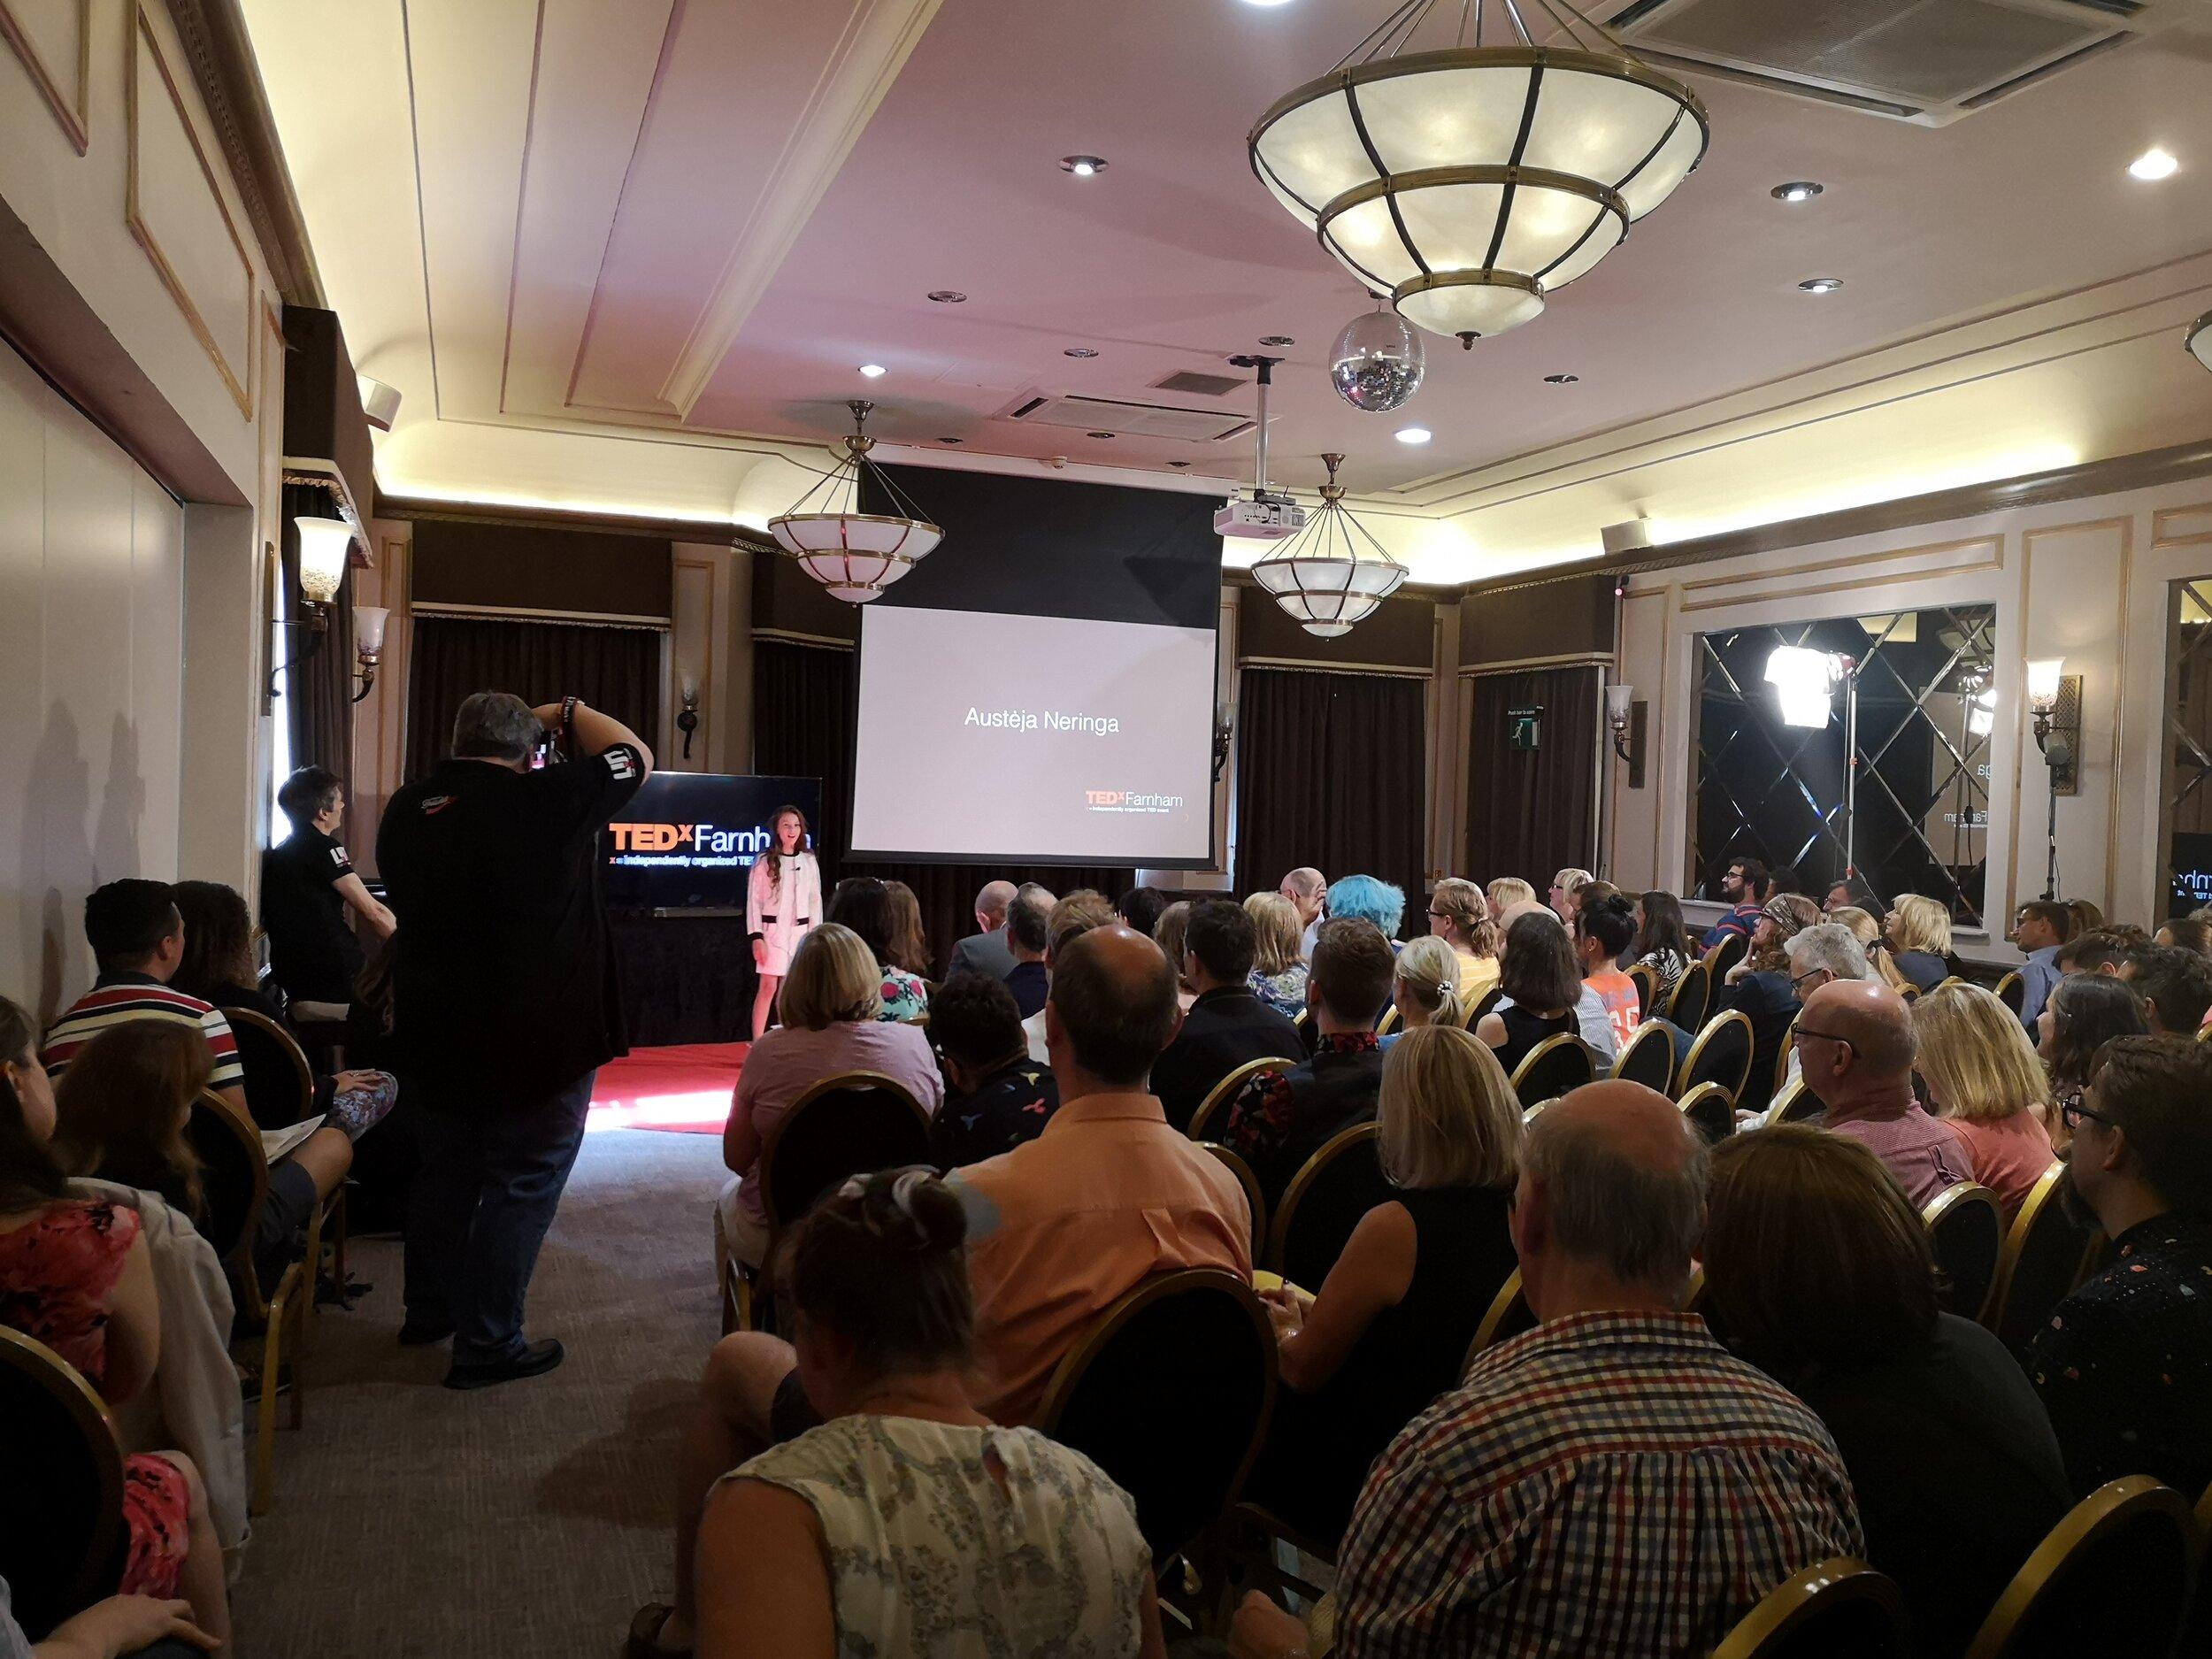 TEDx Farnham Speaker